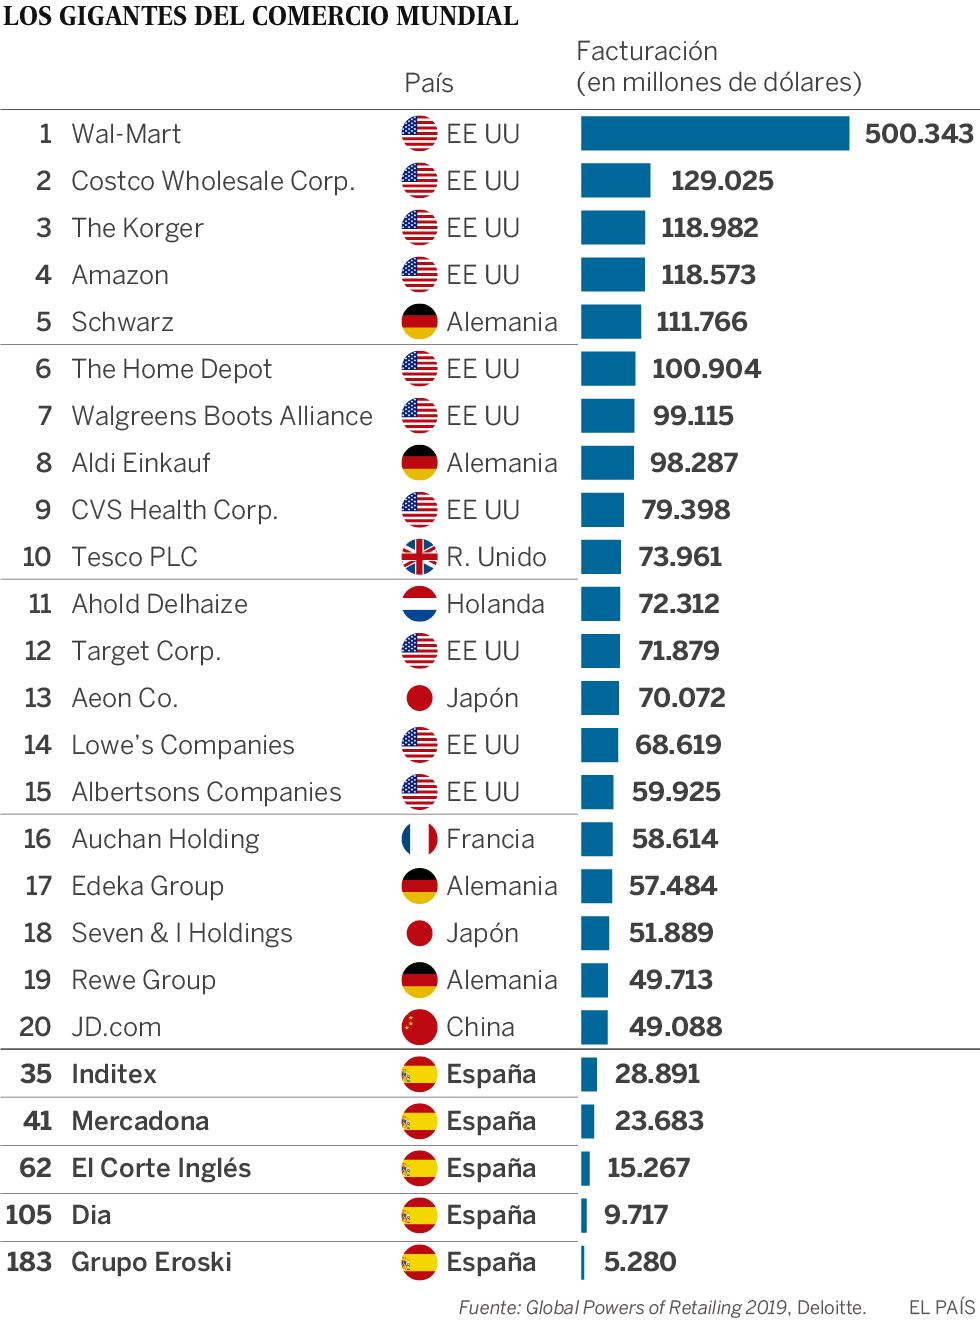 Inditex y Mercadona ganan posiciones entre los gigantes mundiales del comercio